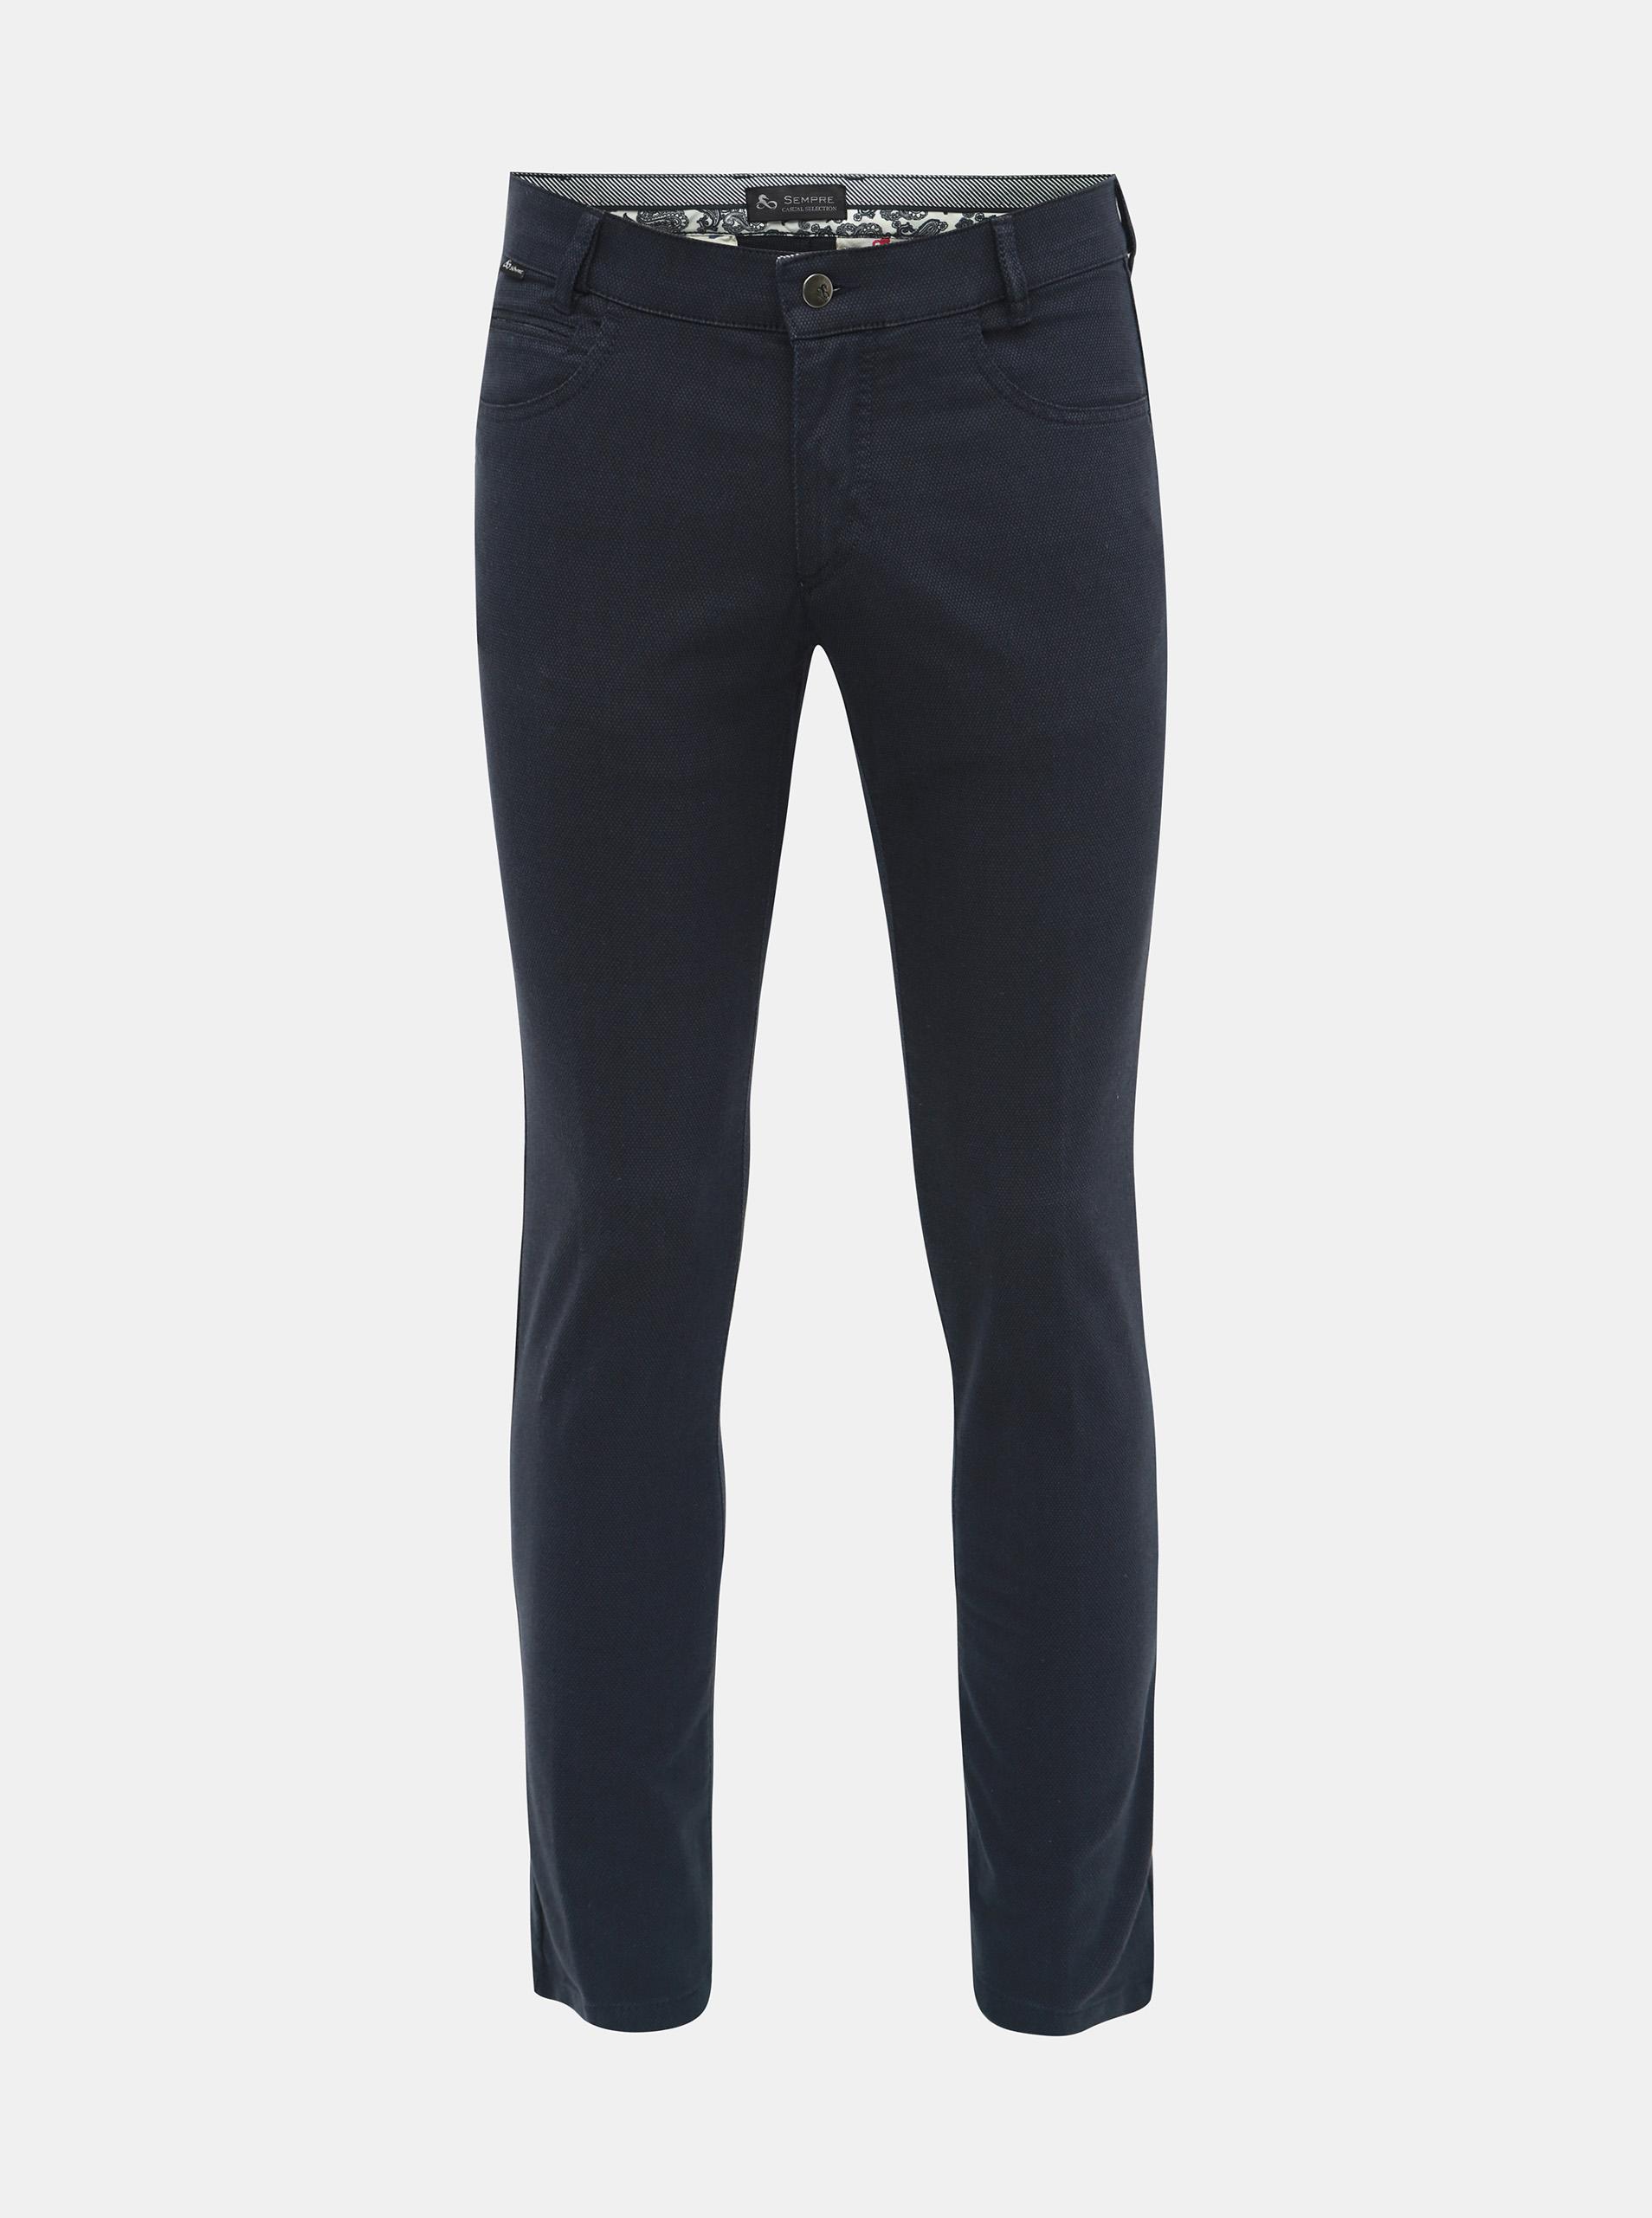 2304cb60c4 Modré chino nohavice SEMPRE Giovanni